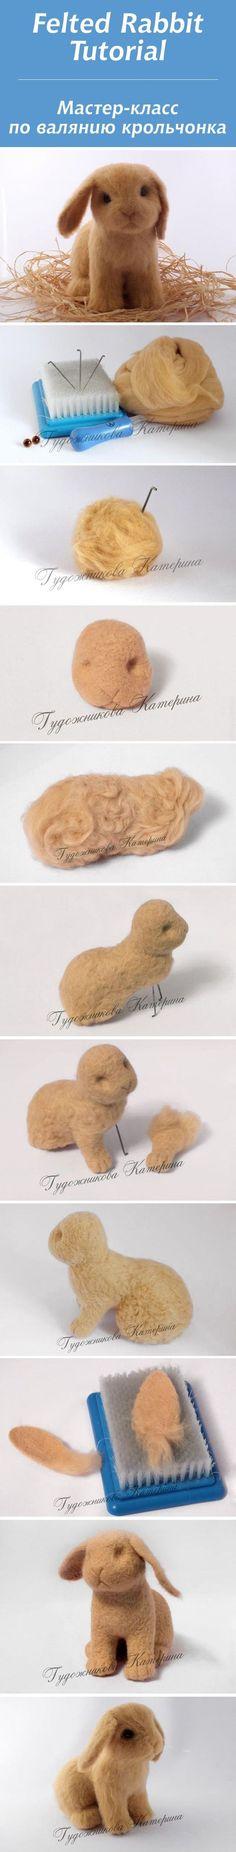 Felted Rabbit Tutorial: